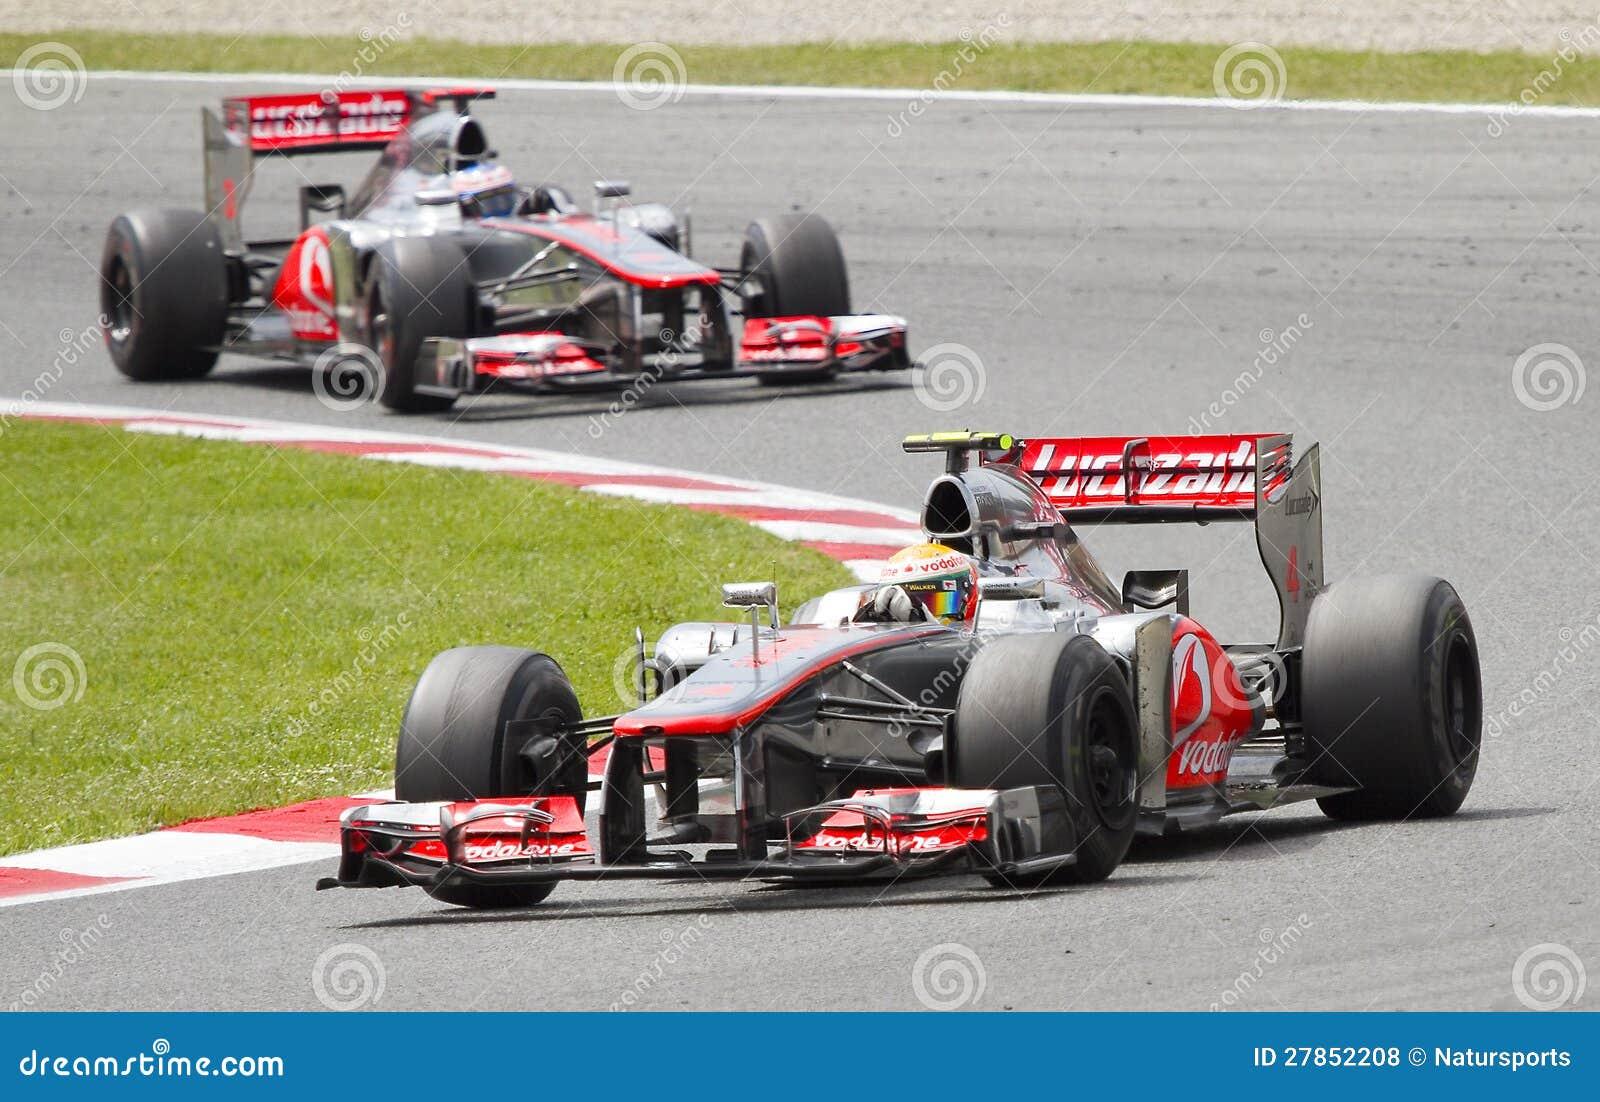 Formuła (1) Uroczysty Prix